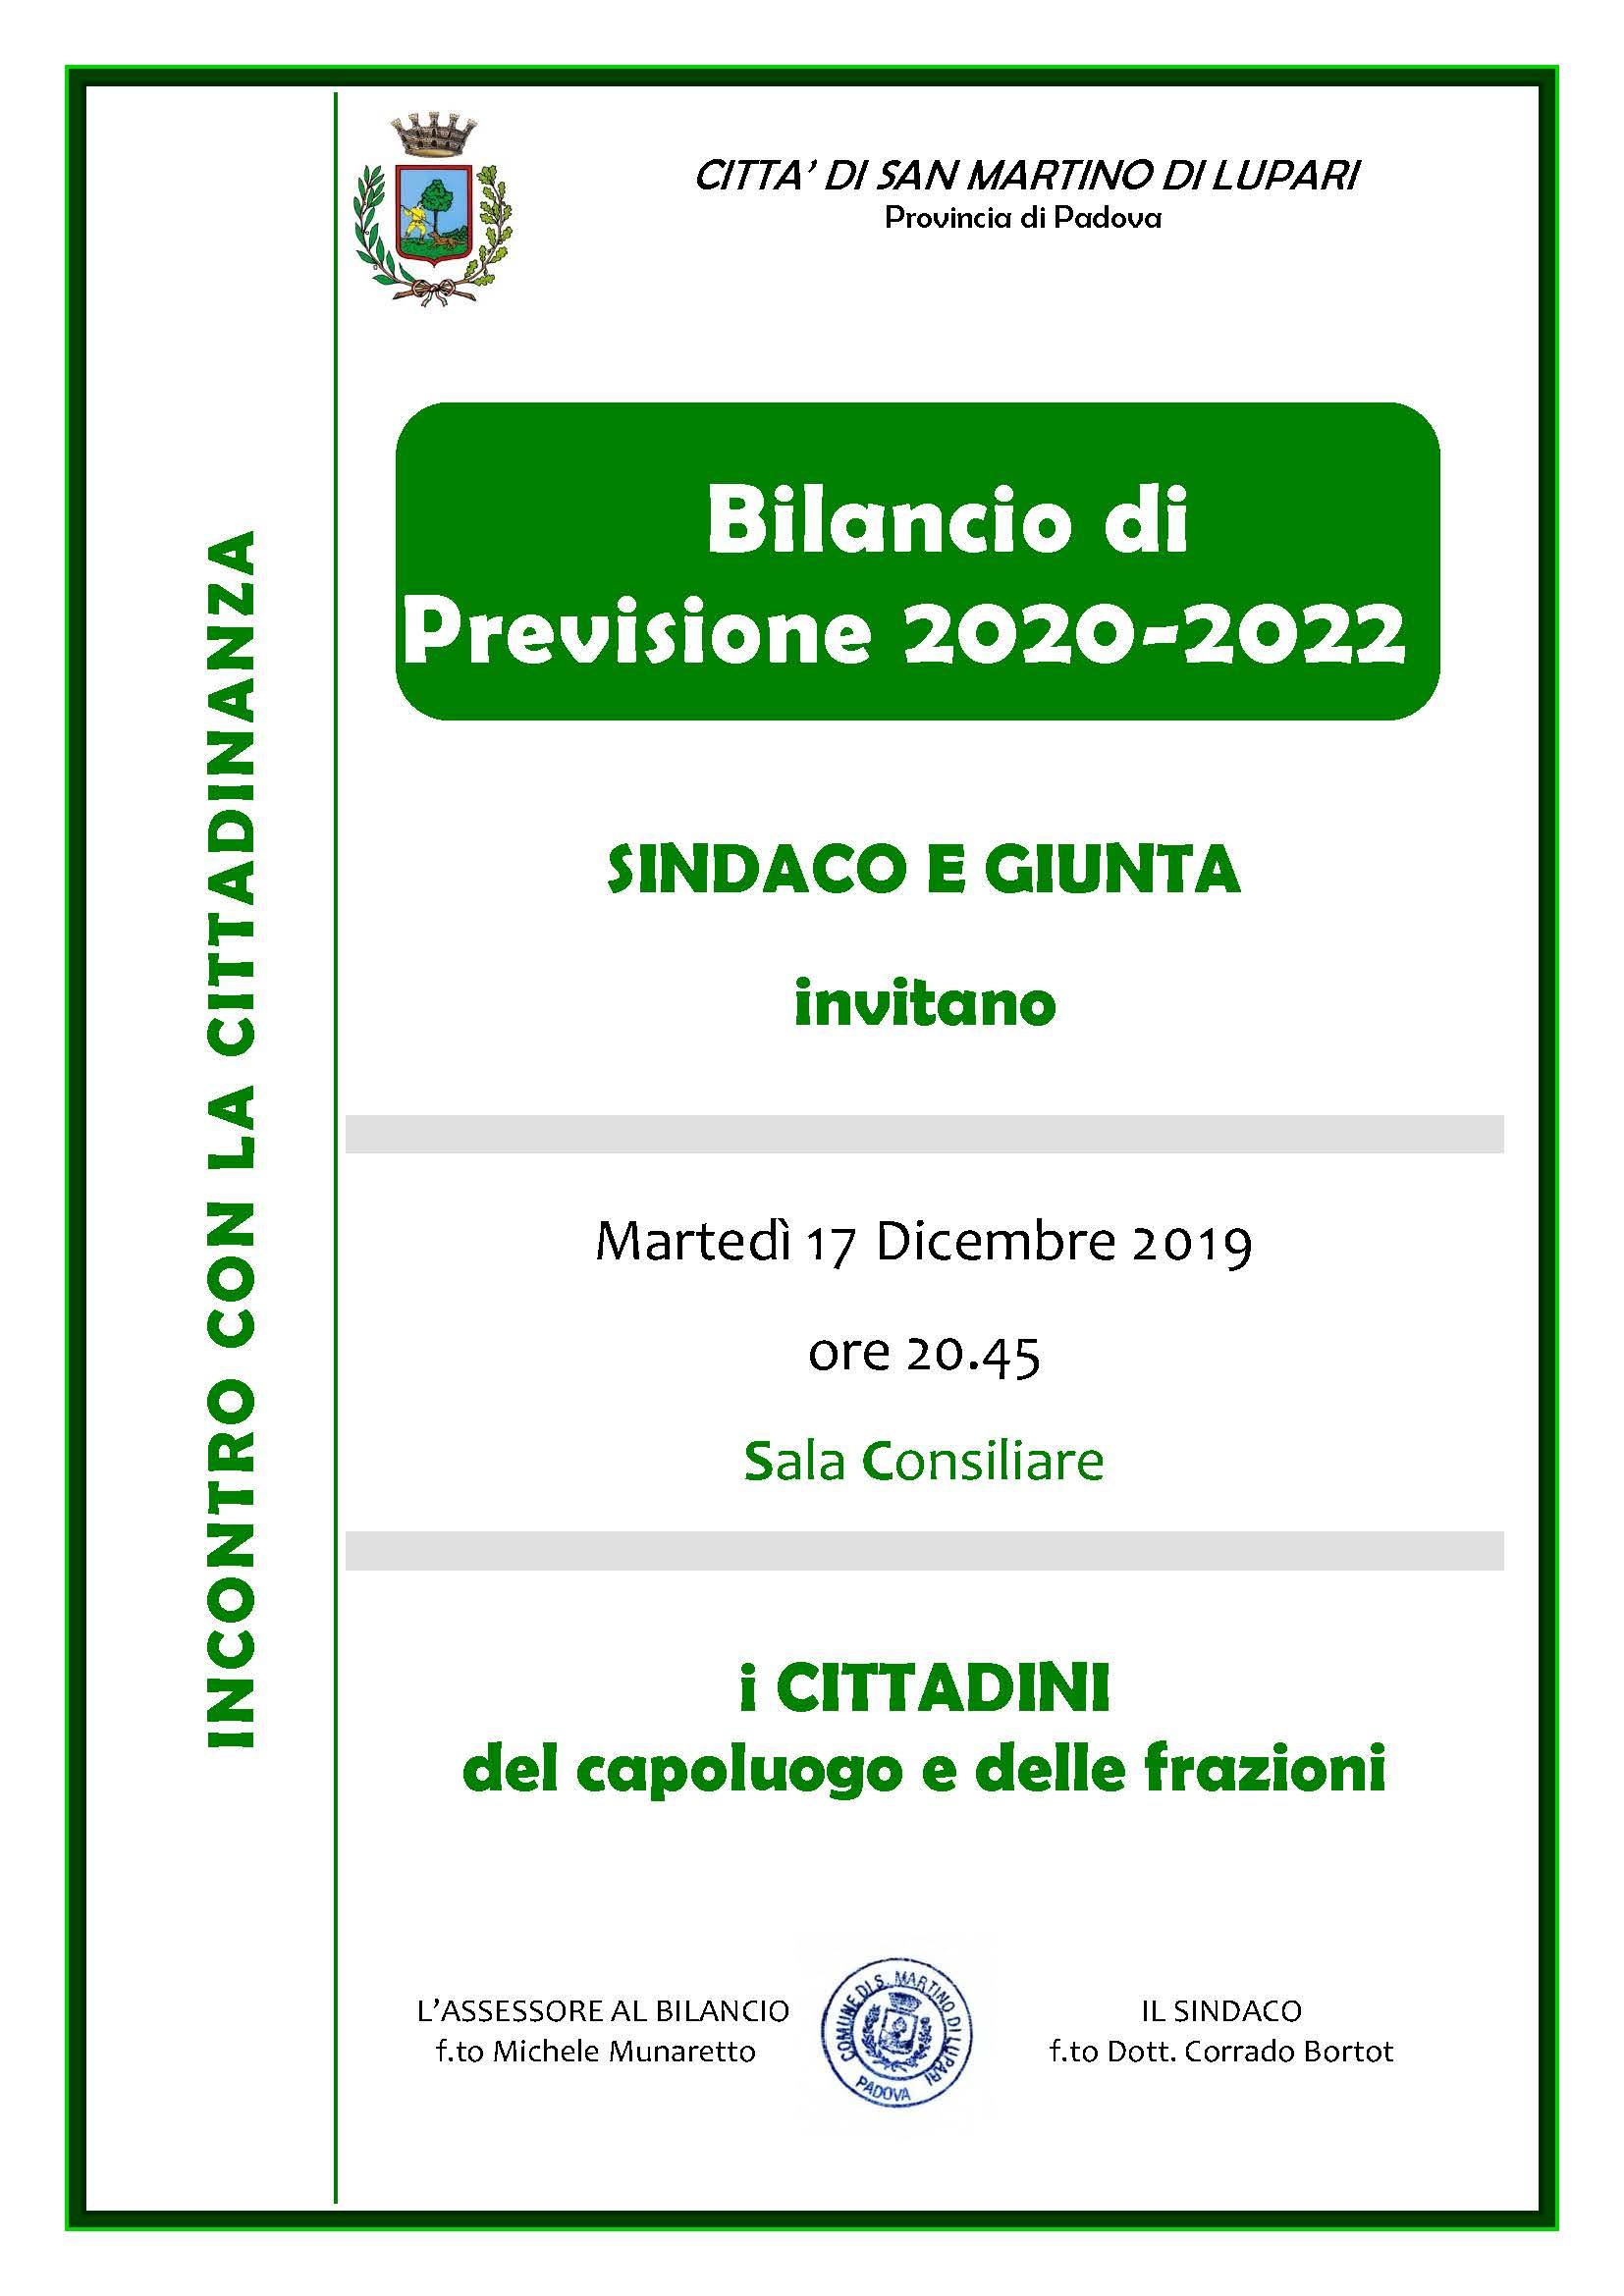 PRESENTAZIONE BILANCIO DI PREVISIONE 2020-2022